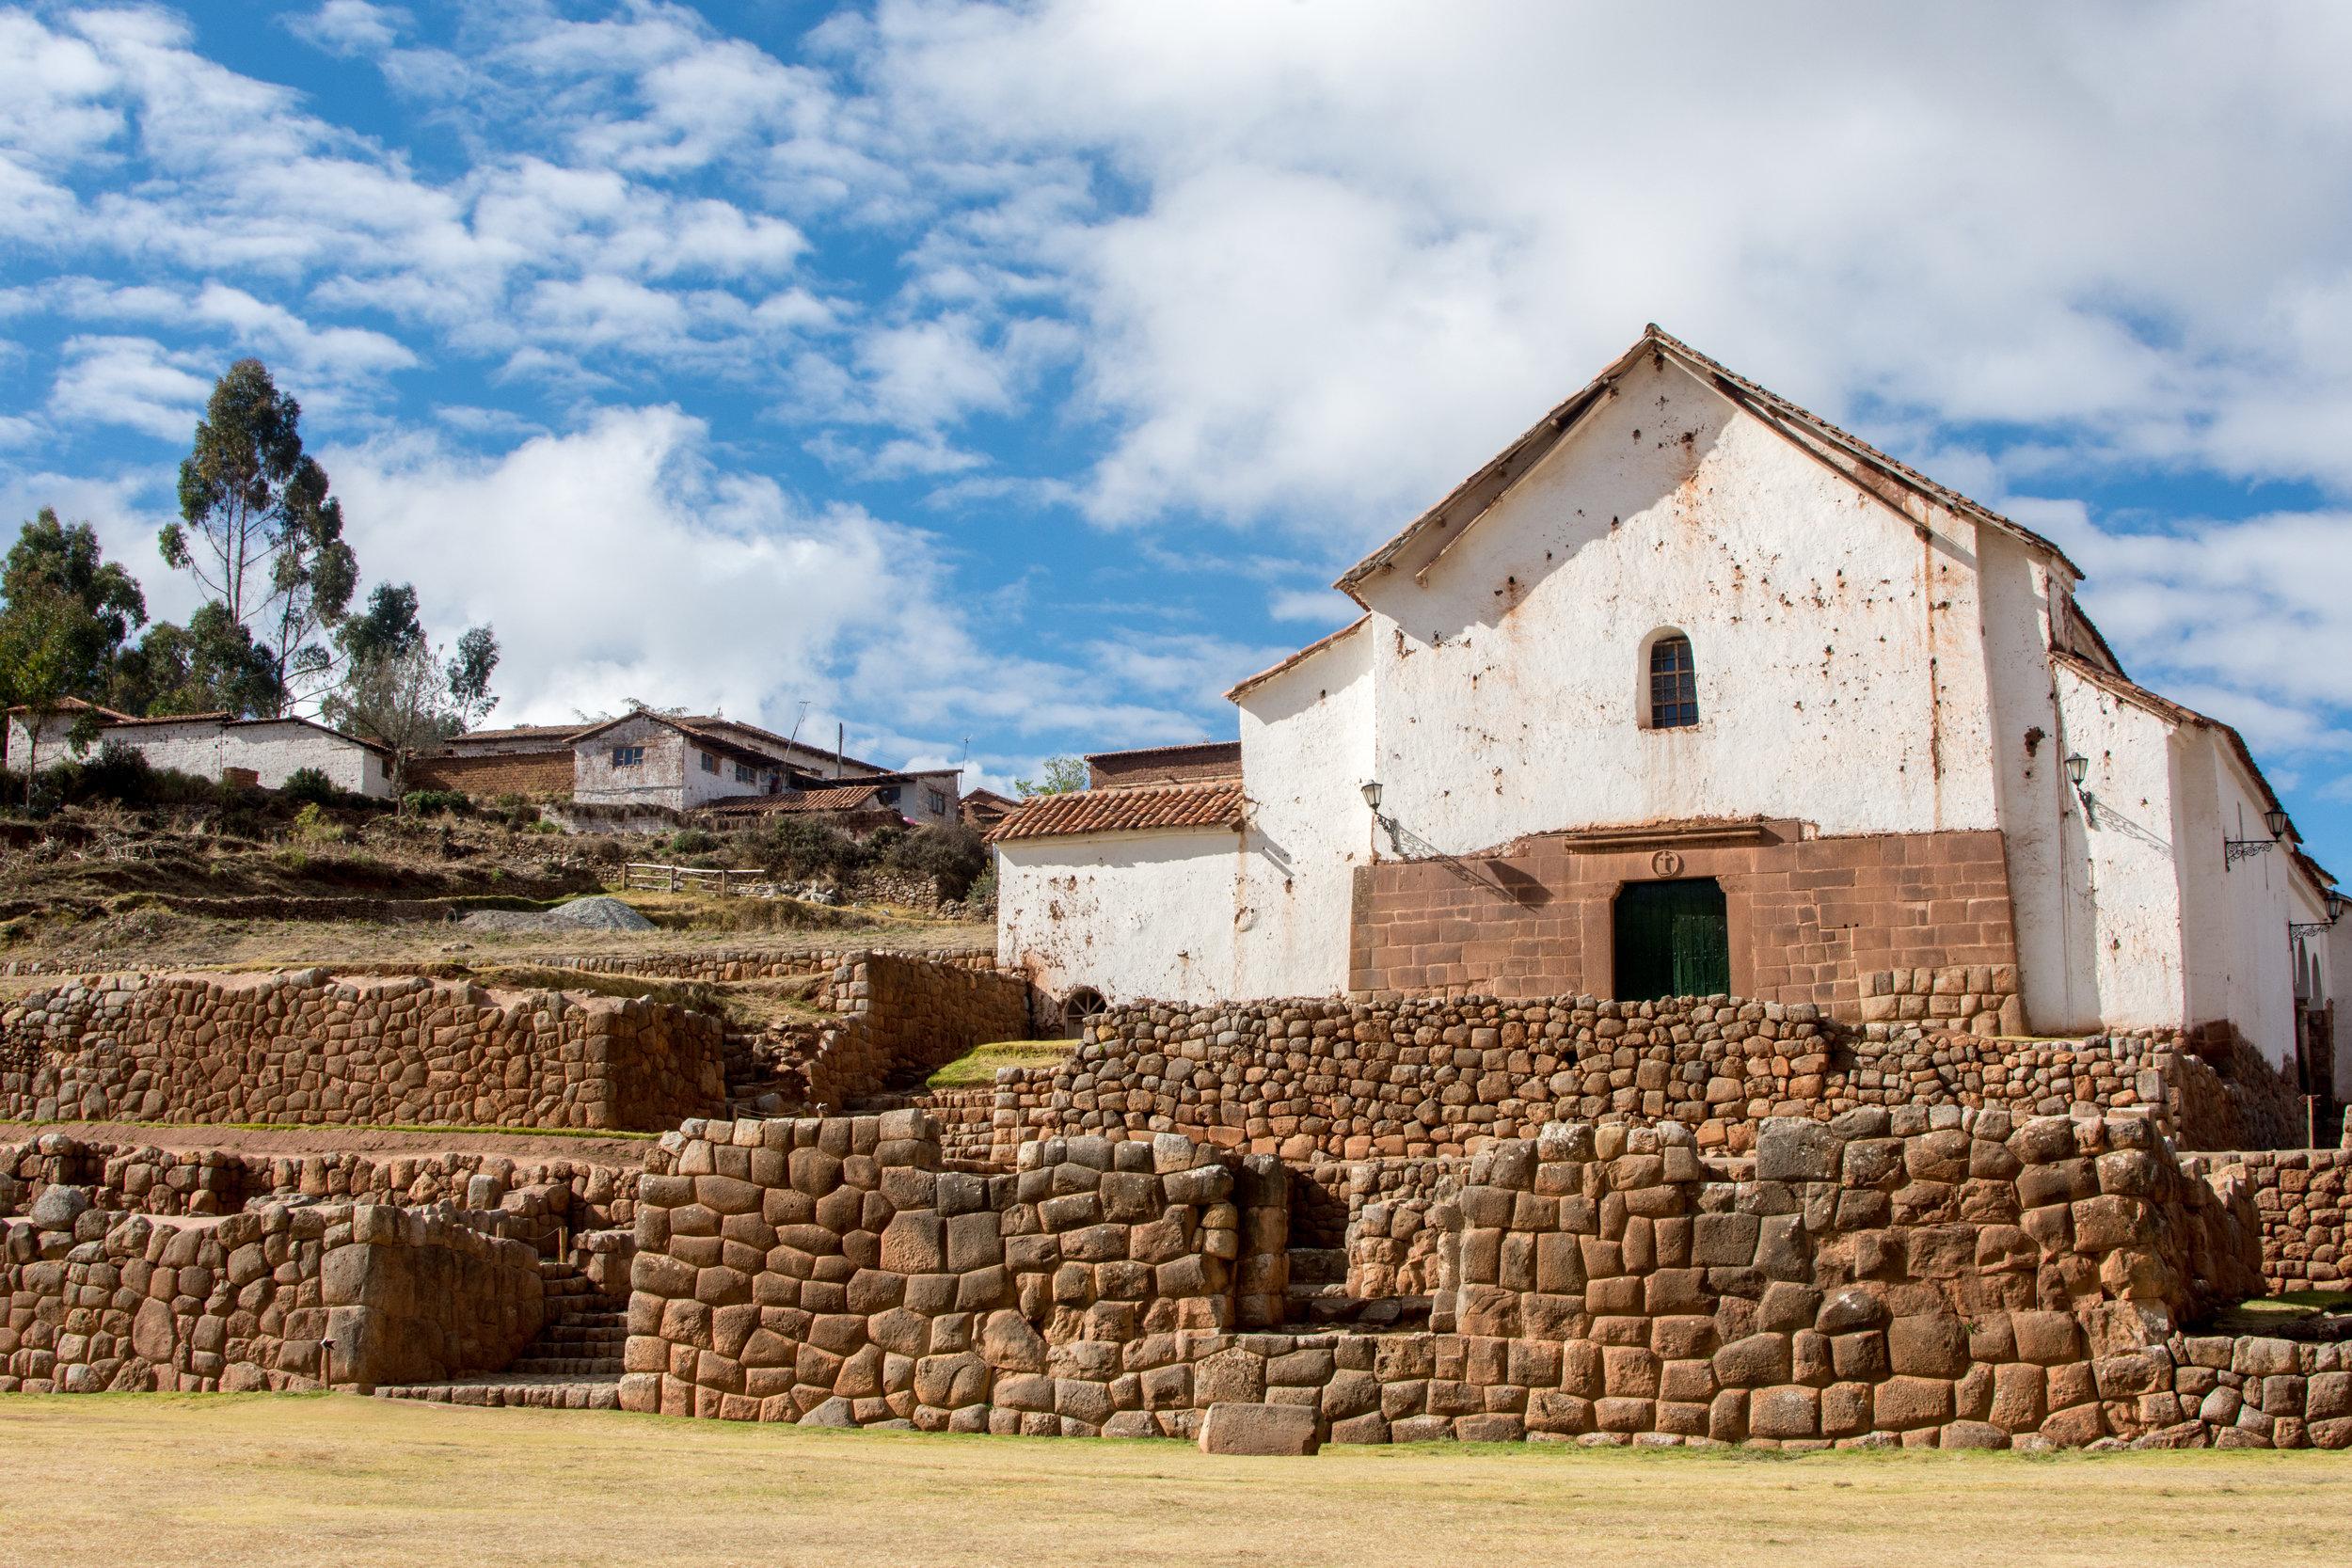 Church at Chincheros